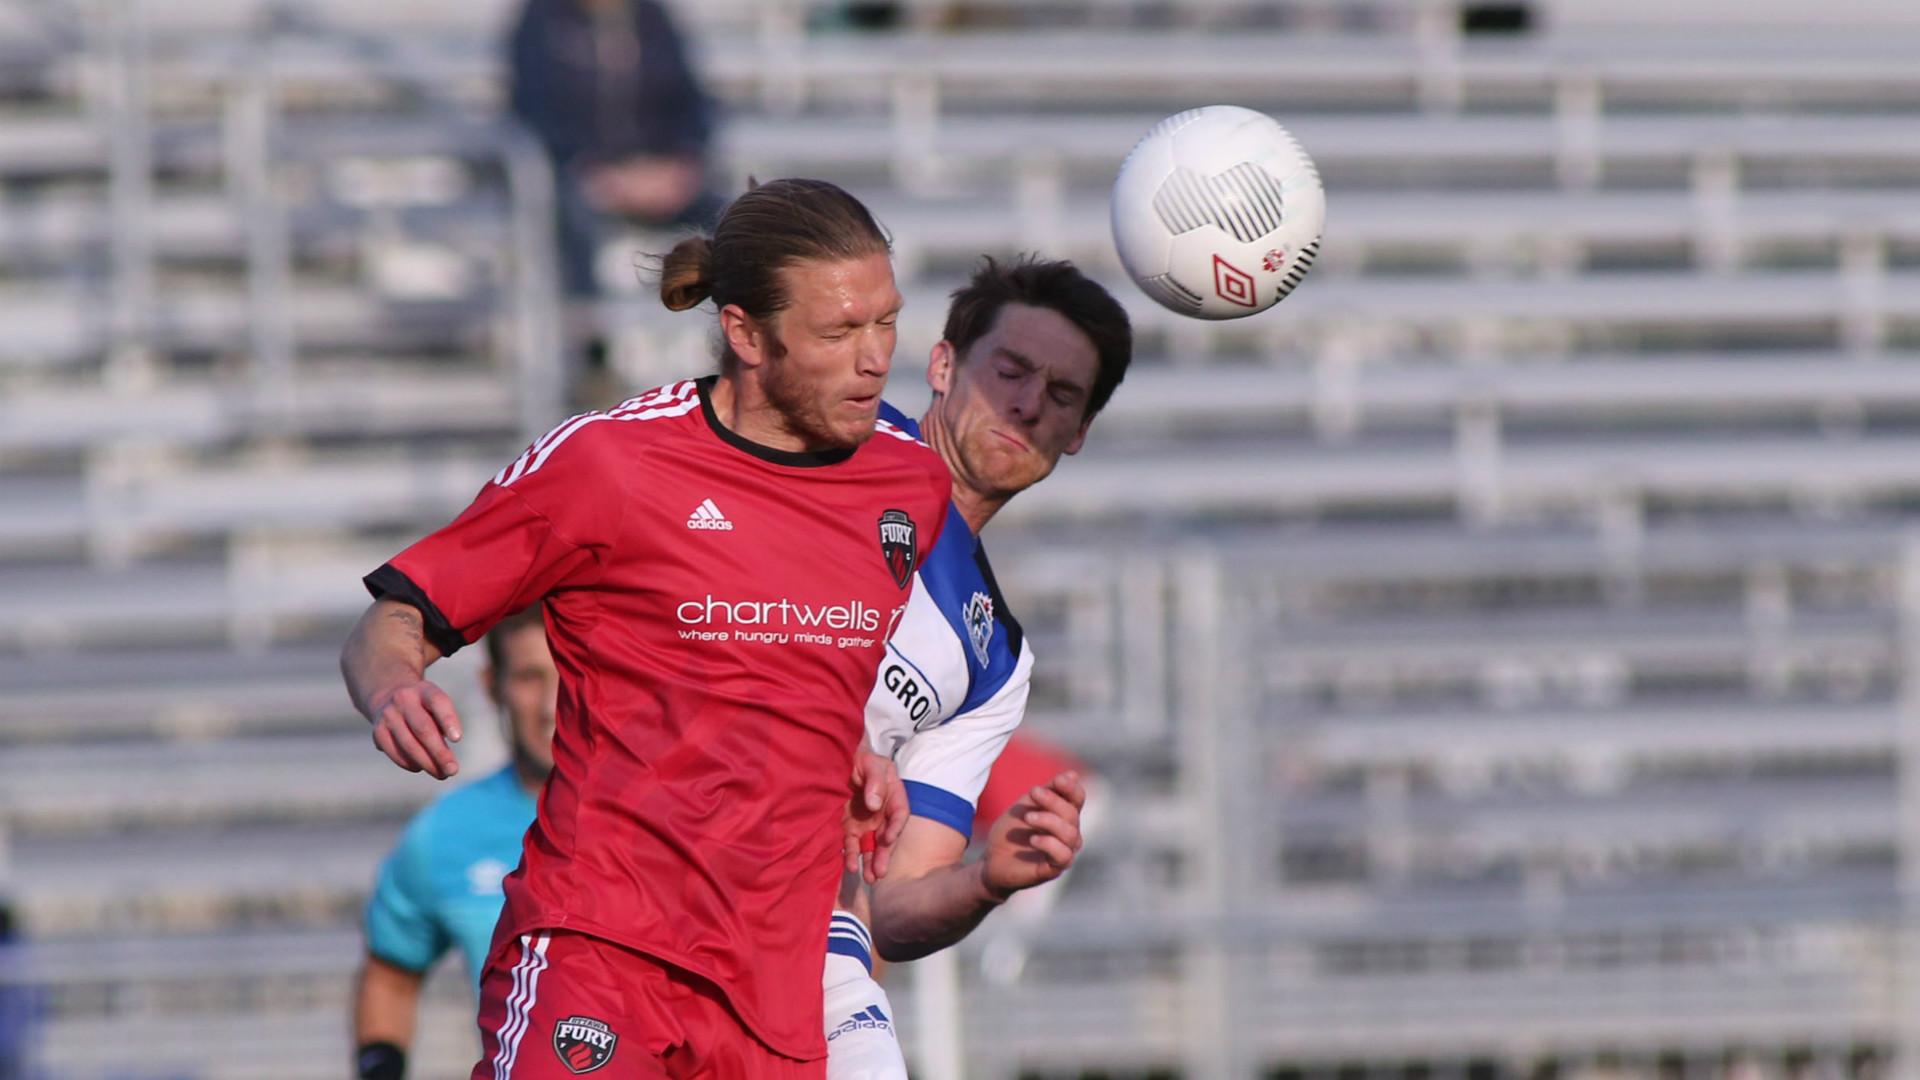 U.S. Soccer grants Division 2 status to USL, NASL